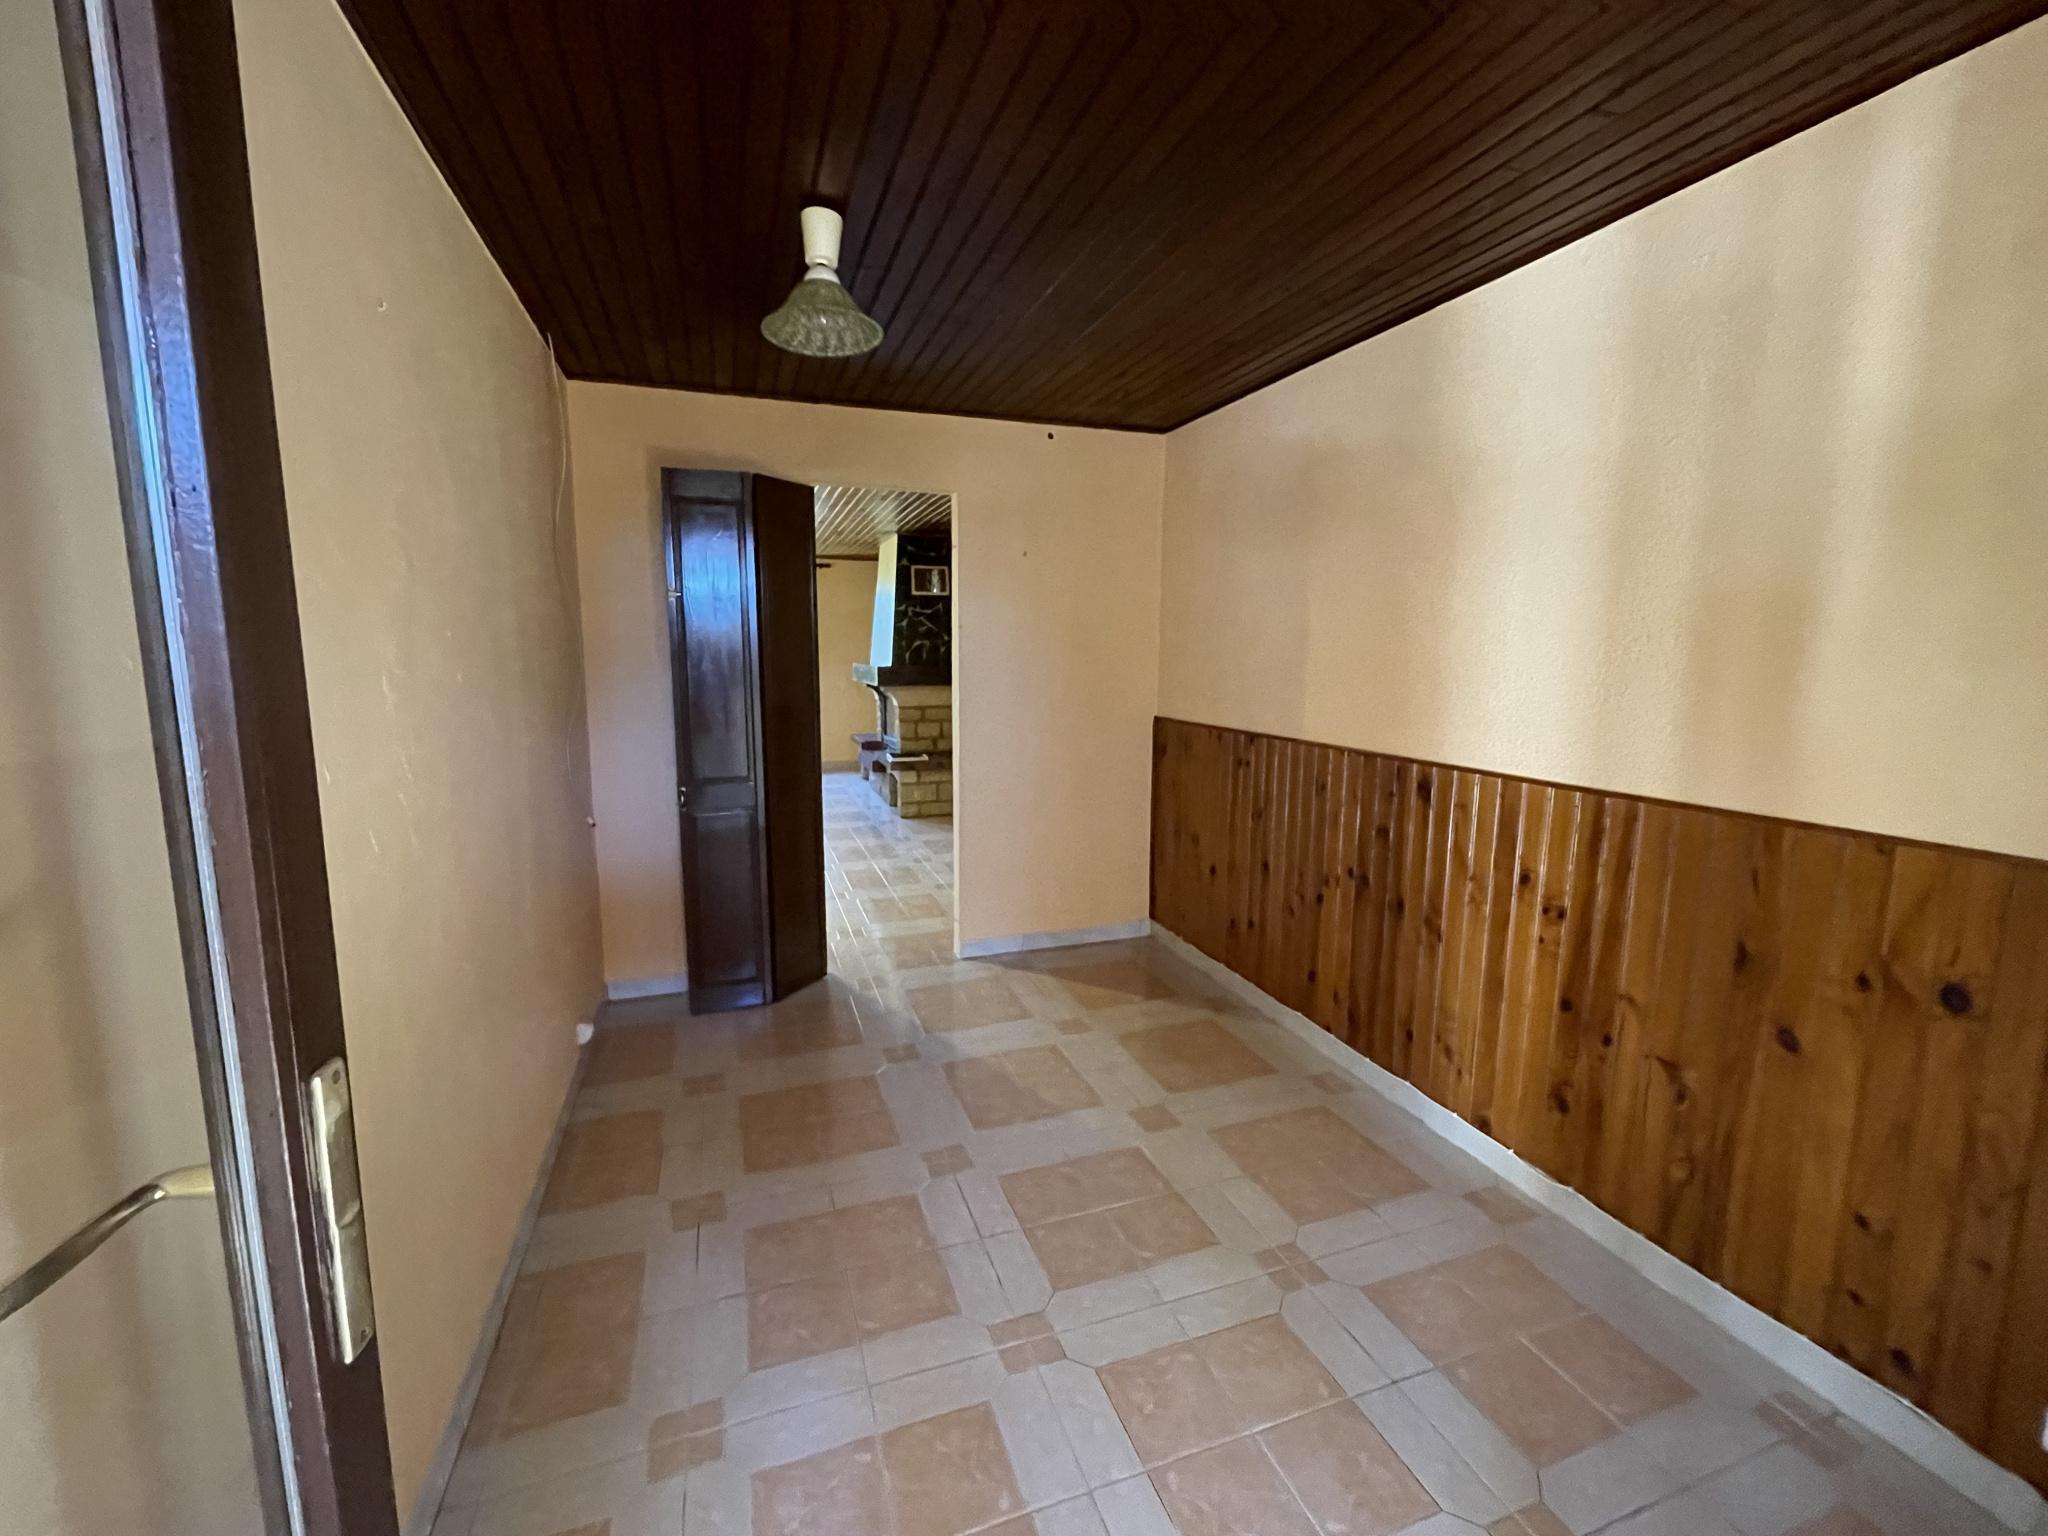 À vendre maison/villa de 100m2 à st genis des fontaines (66740) - Photo 18'